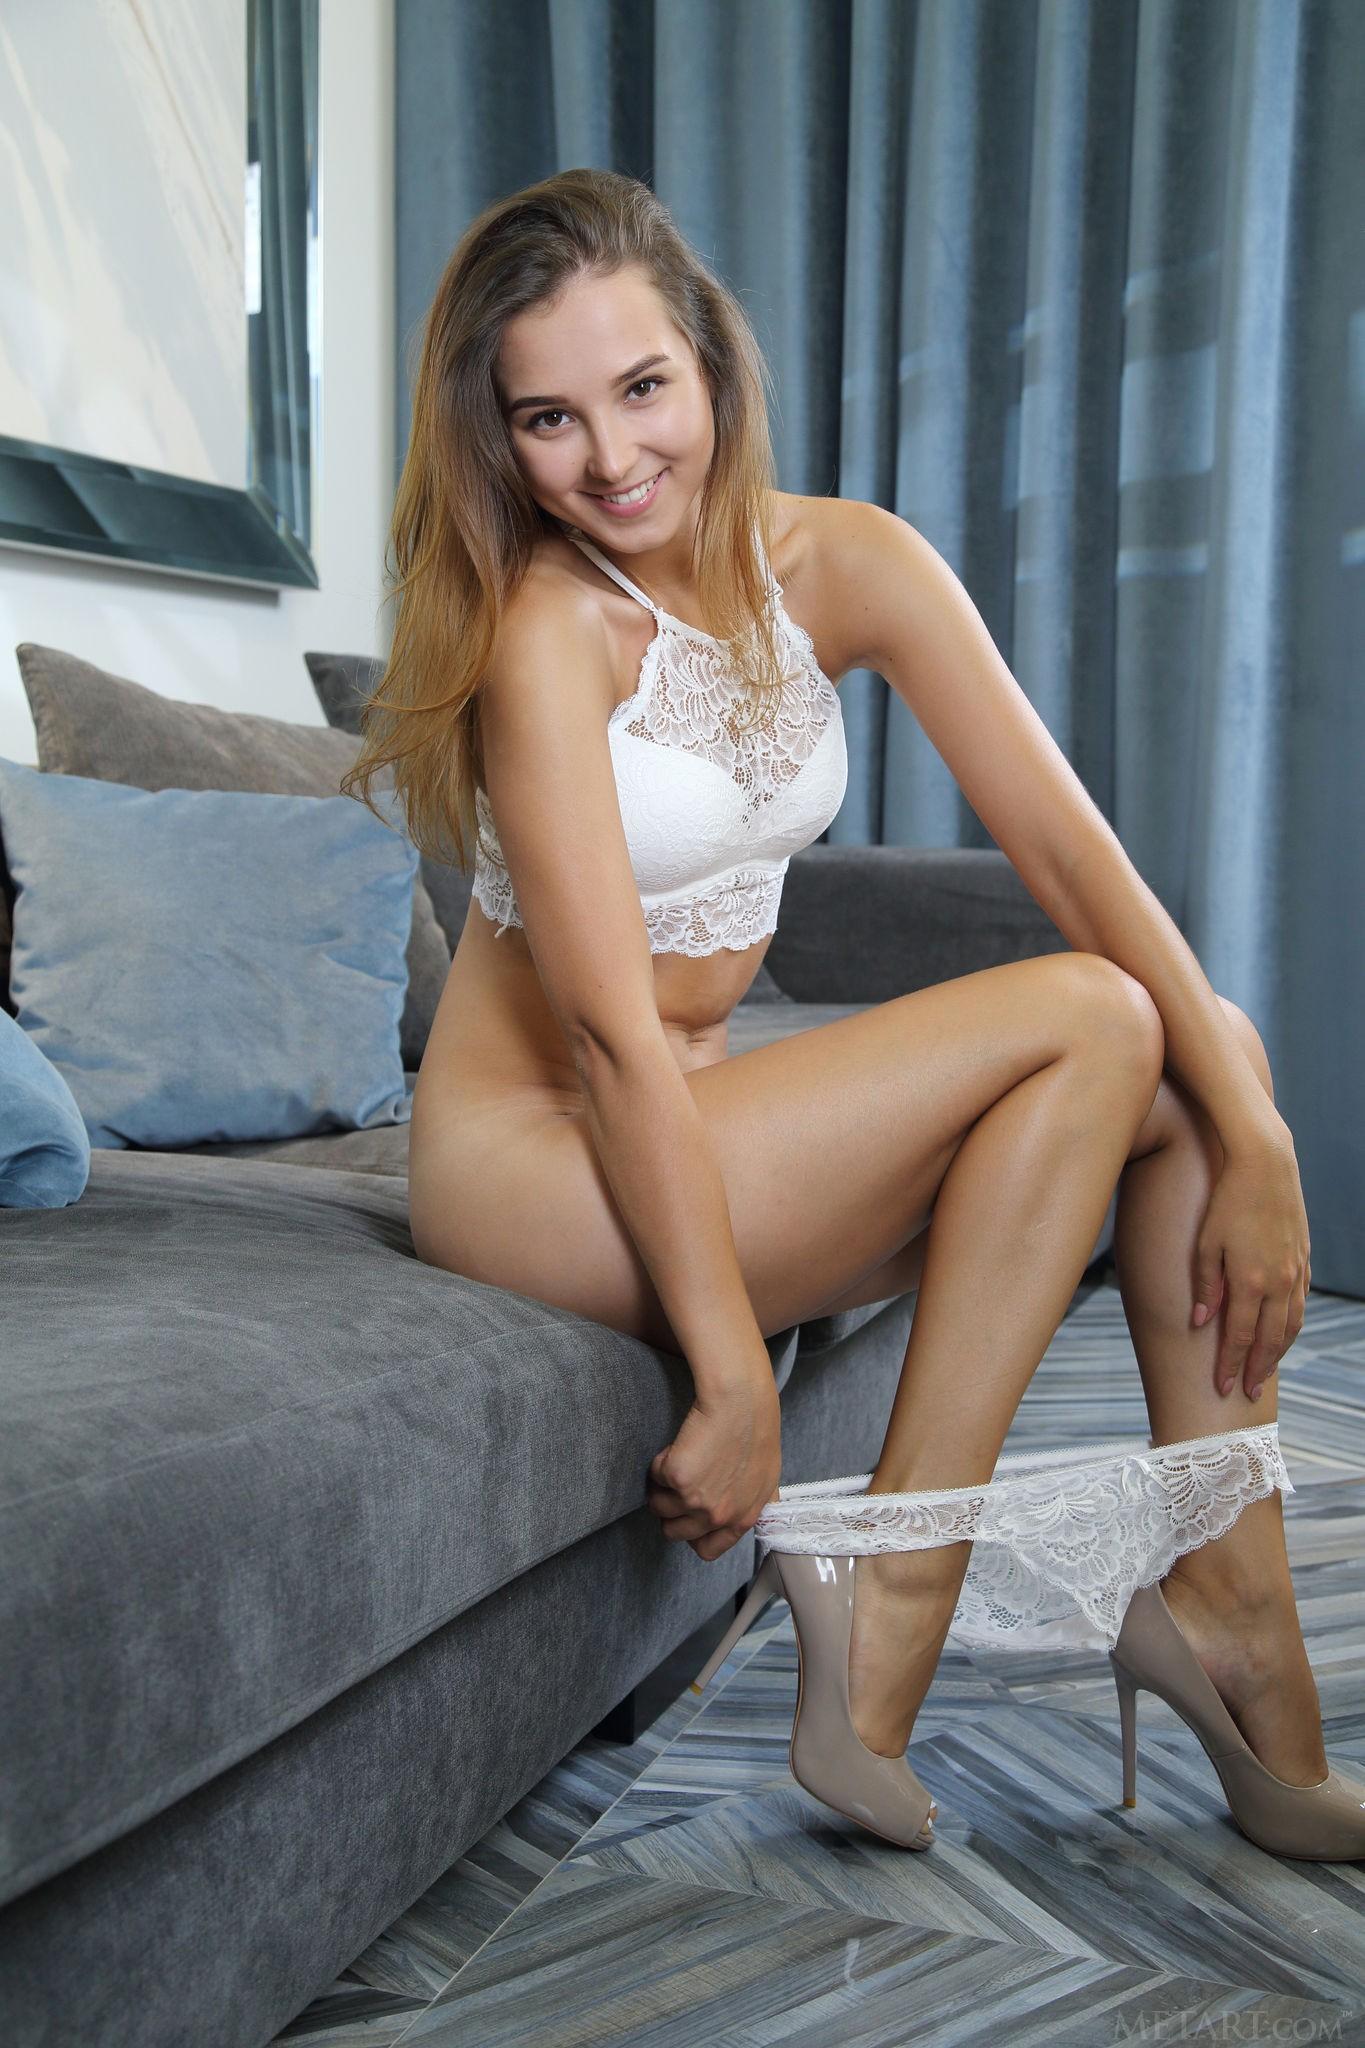 Развратная девушка в туфлях светит бритую письку - фото